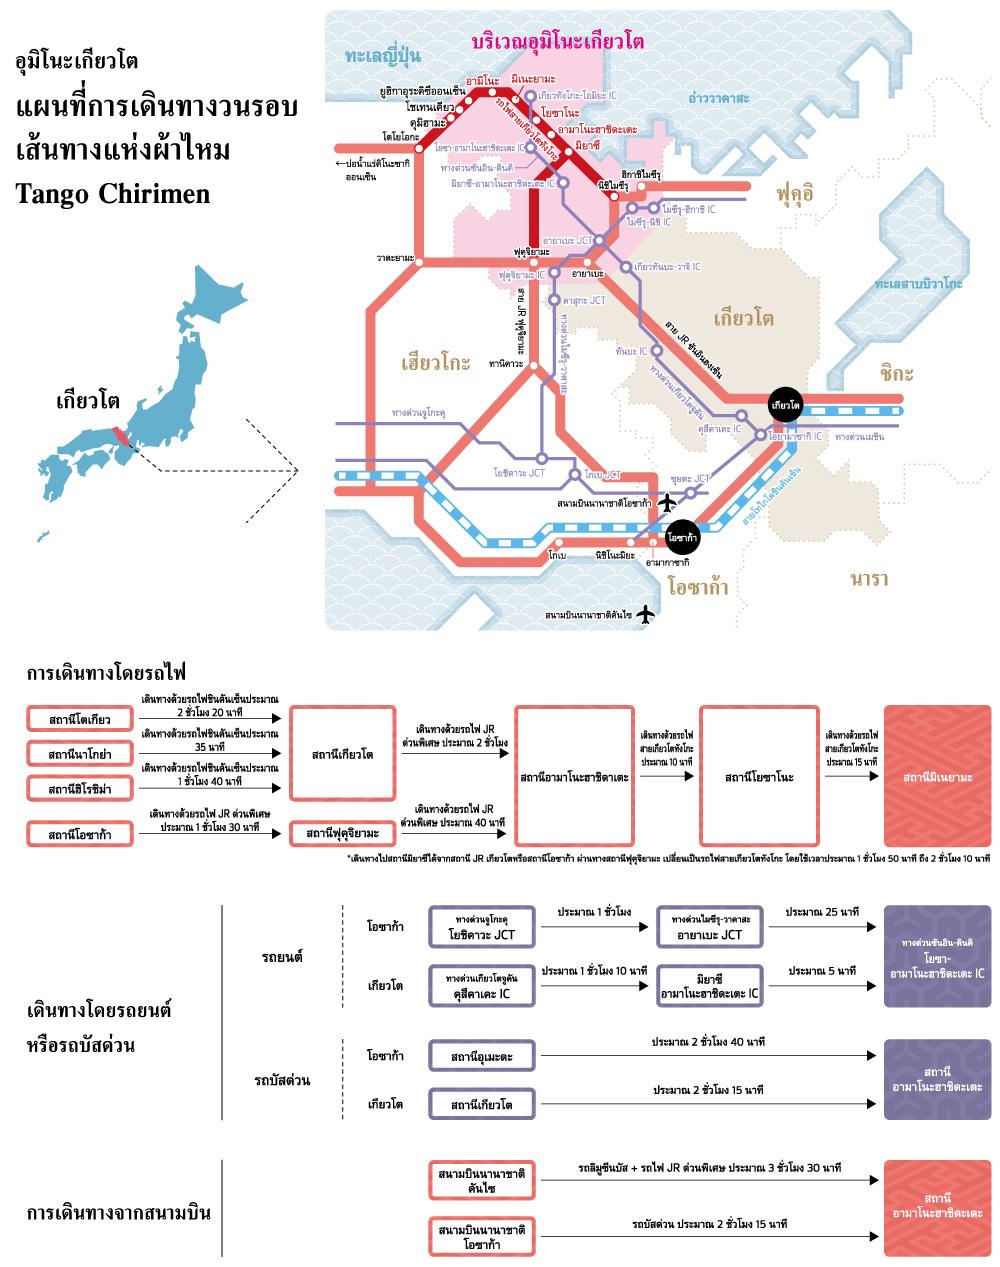 แผนที่การเข้าถึงรอบๆ วัดเกียวโตทังโกะชิริเม็น (ผ้าย่นทังโกะ) ของทะเล